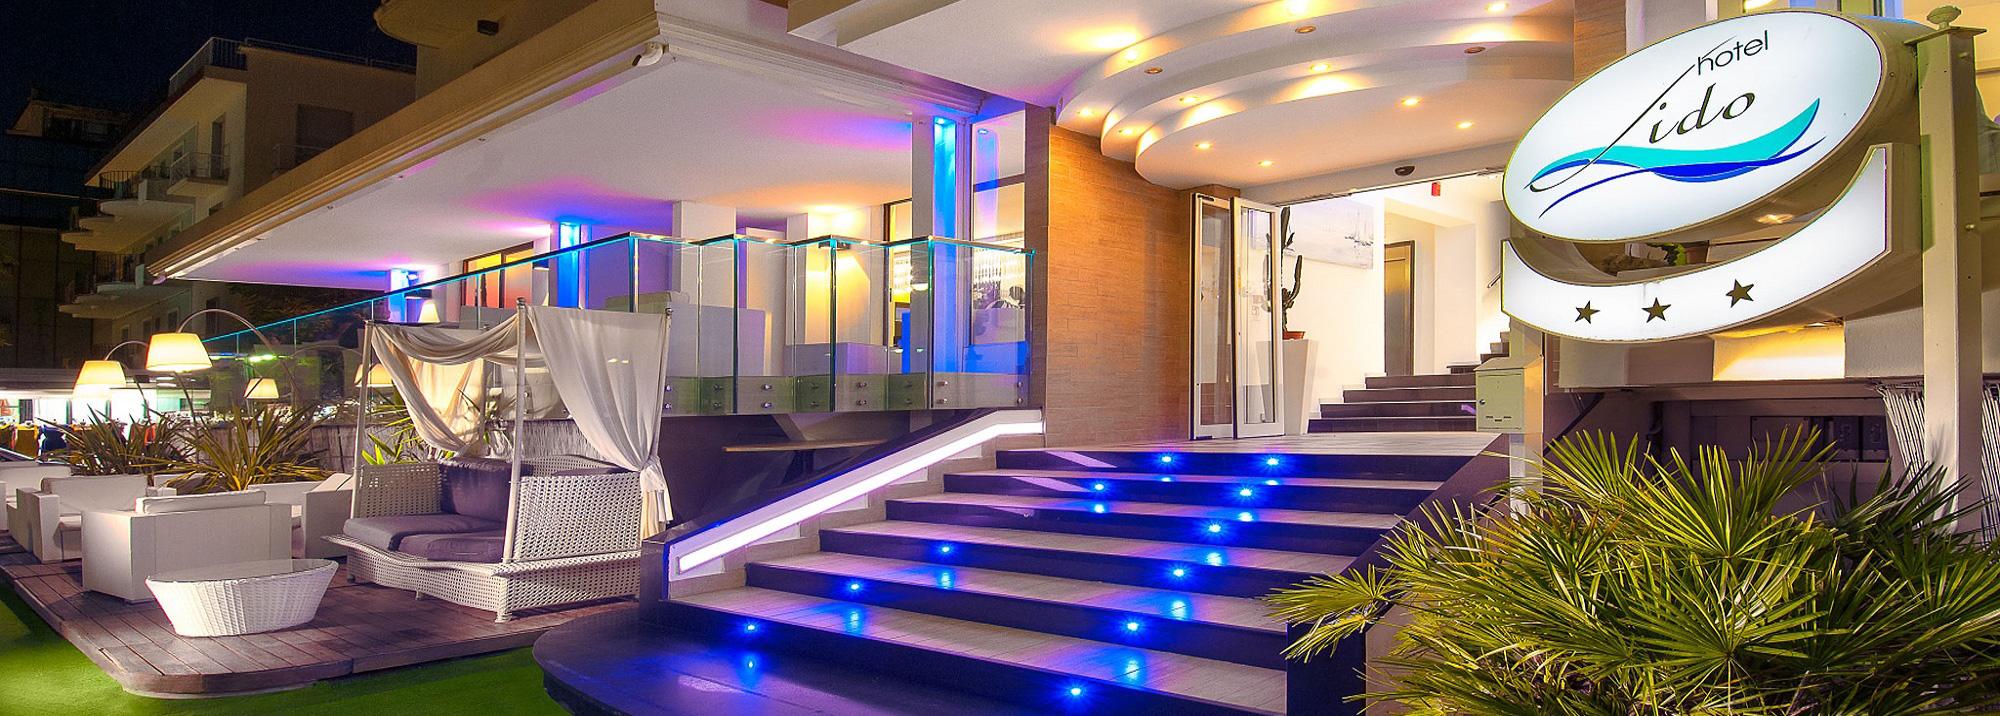 Hotel Lido Cattolica Ingresso Hotel di sera